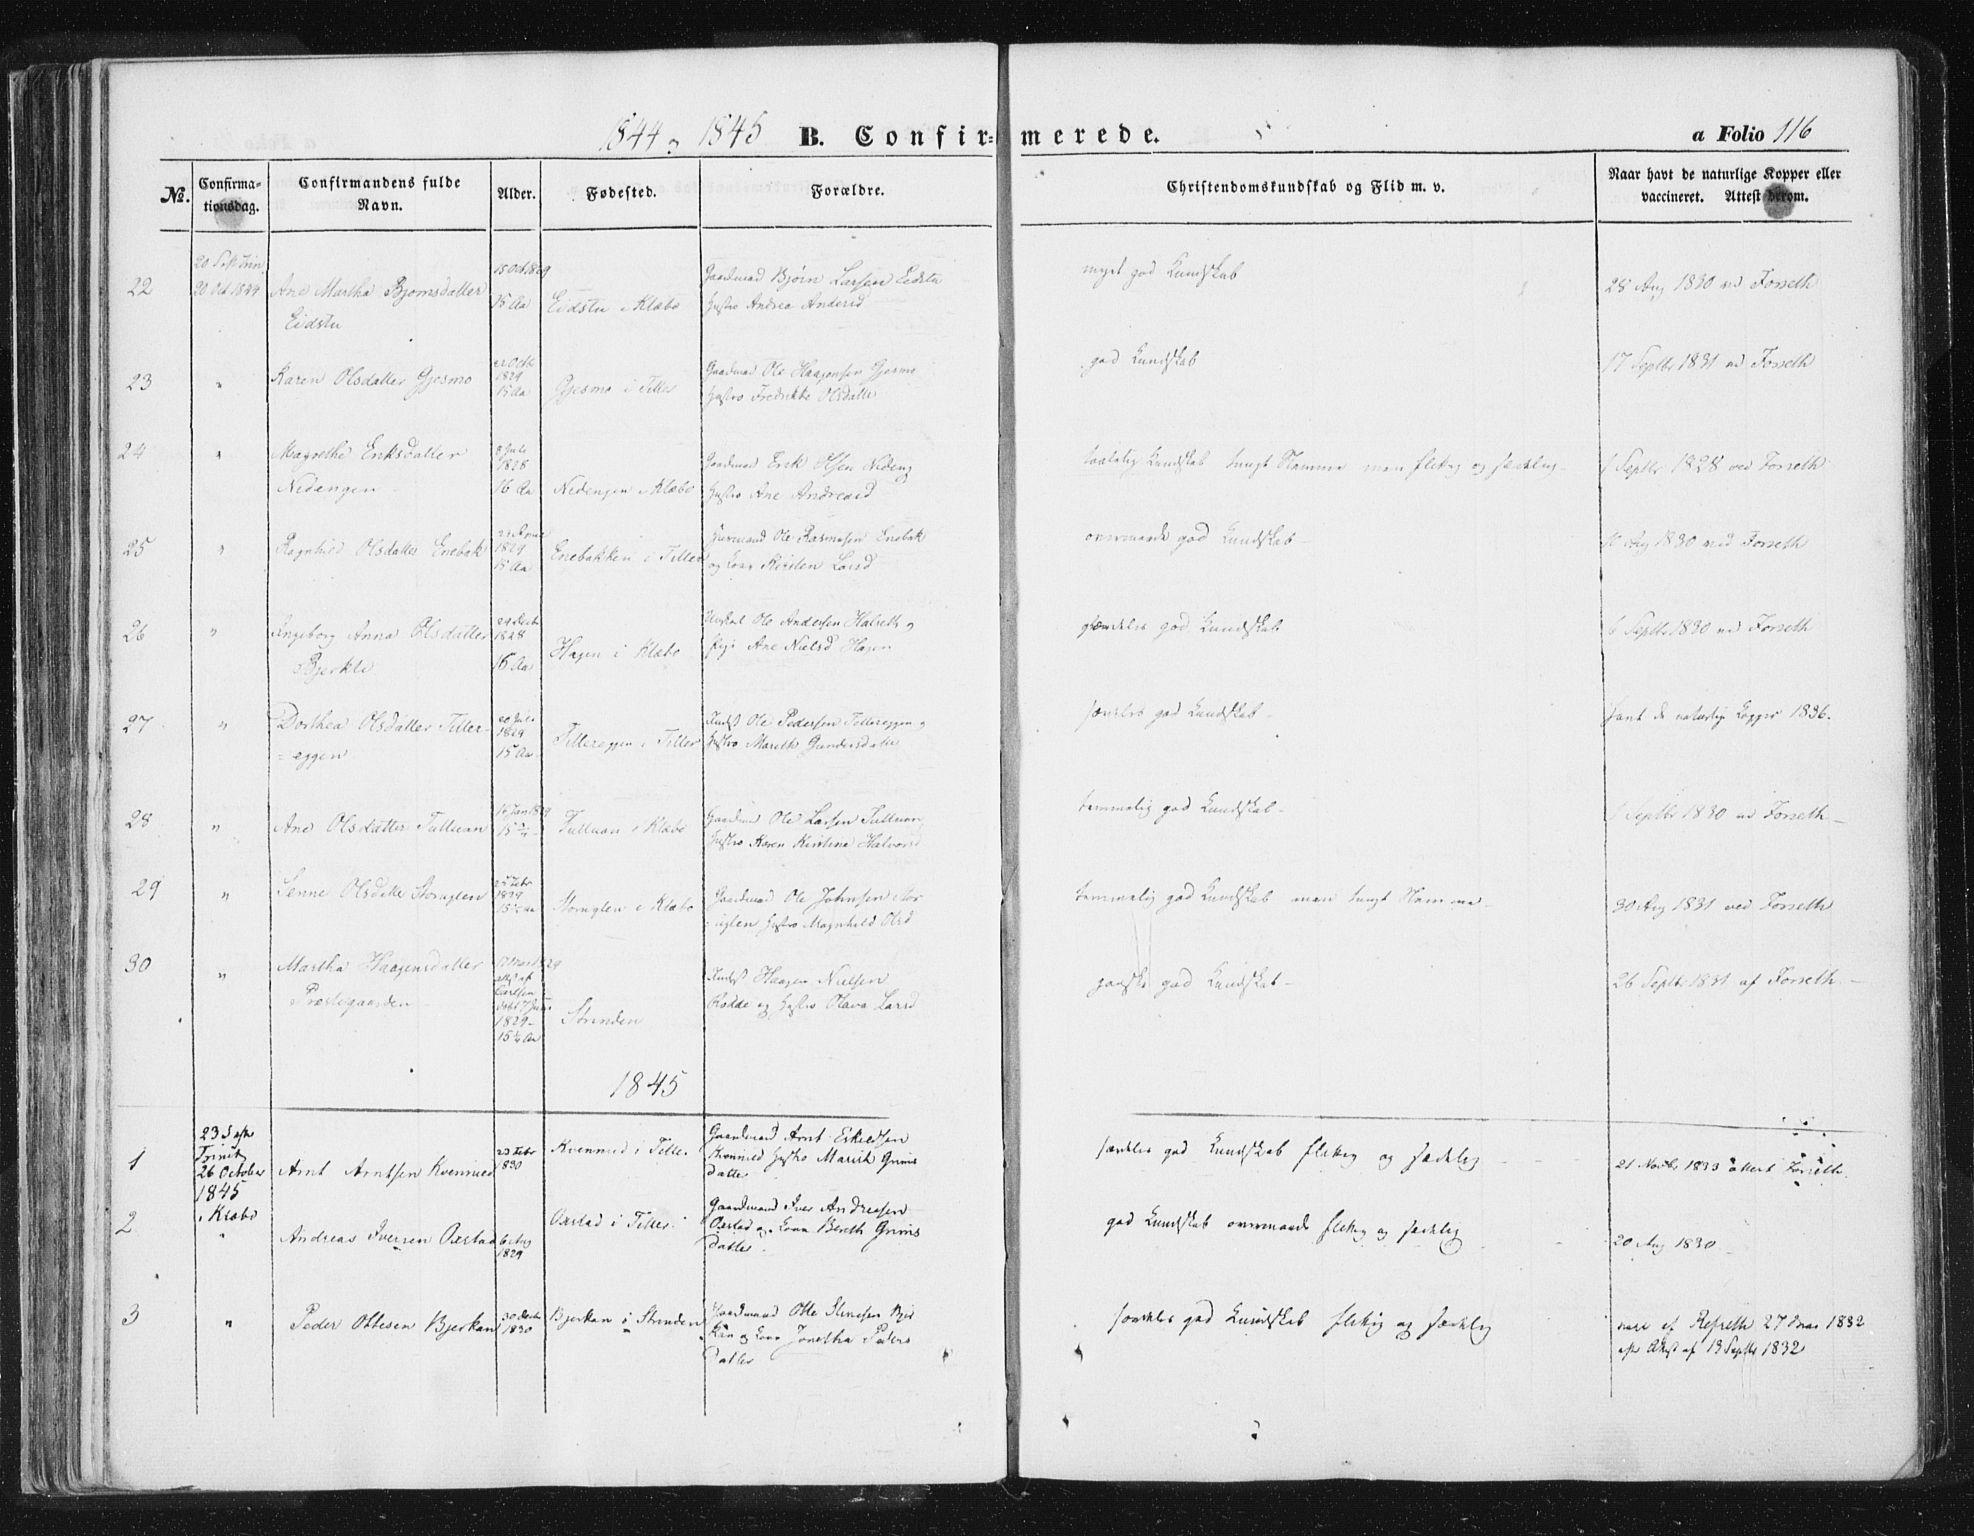 SAT, Ministerialprotokoller, klokkerbøker og fødselsregistre - Sør-Trøndelag, 618/L0441: Ministerialbok nr. 618A05, 1843-1862, s. 116